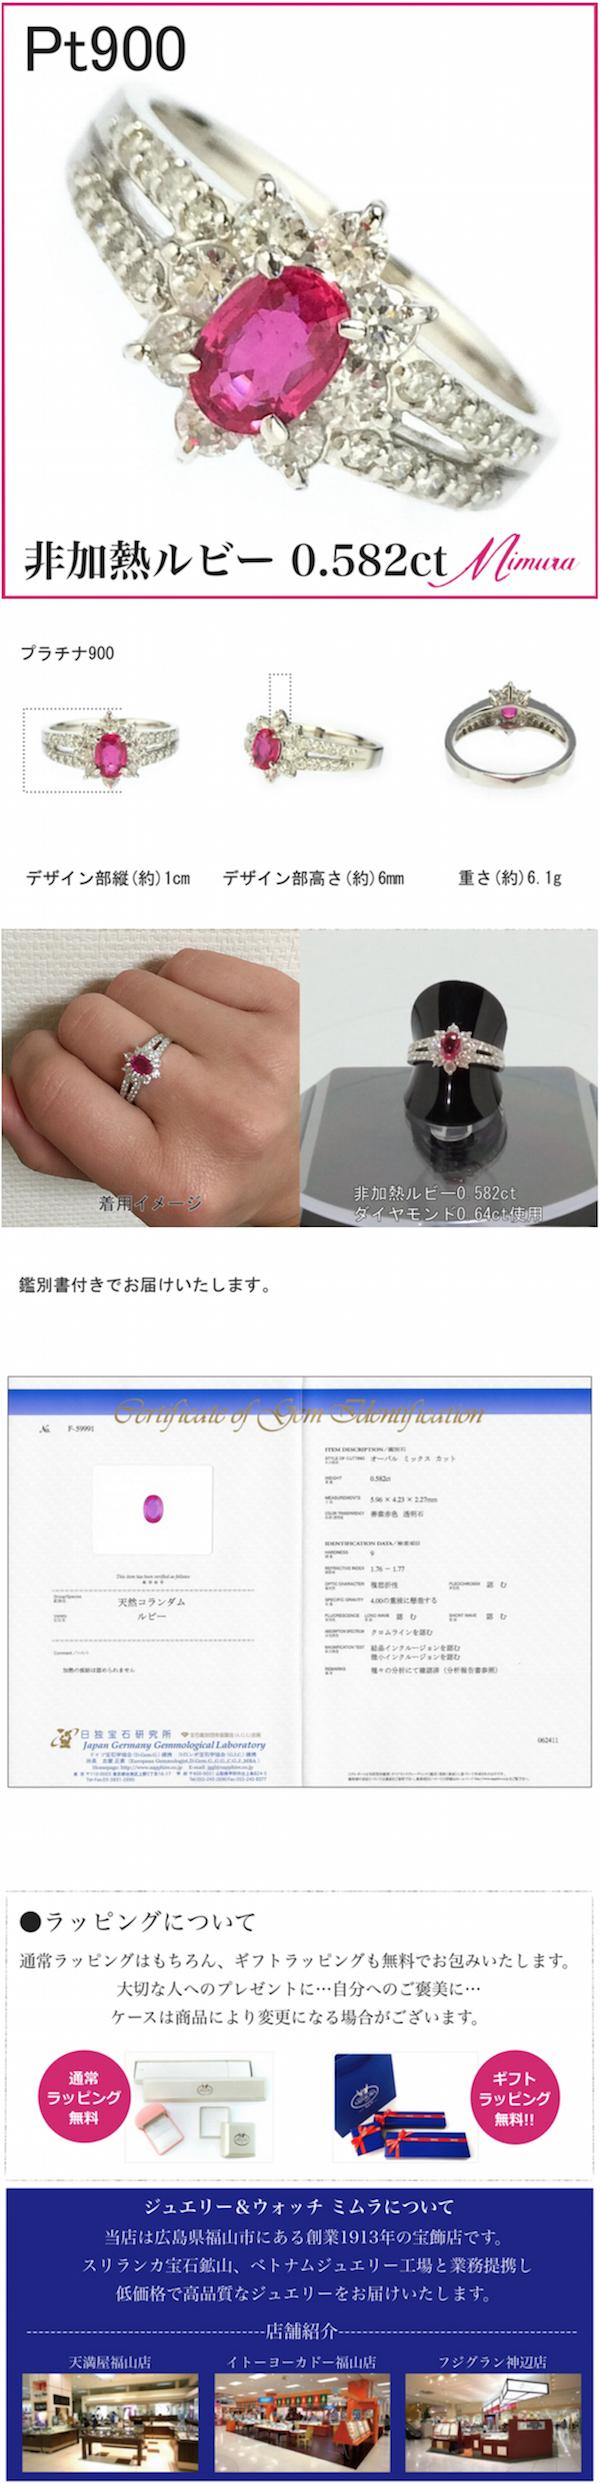 プラチナ非加熱ルビーダイヤモンドリング